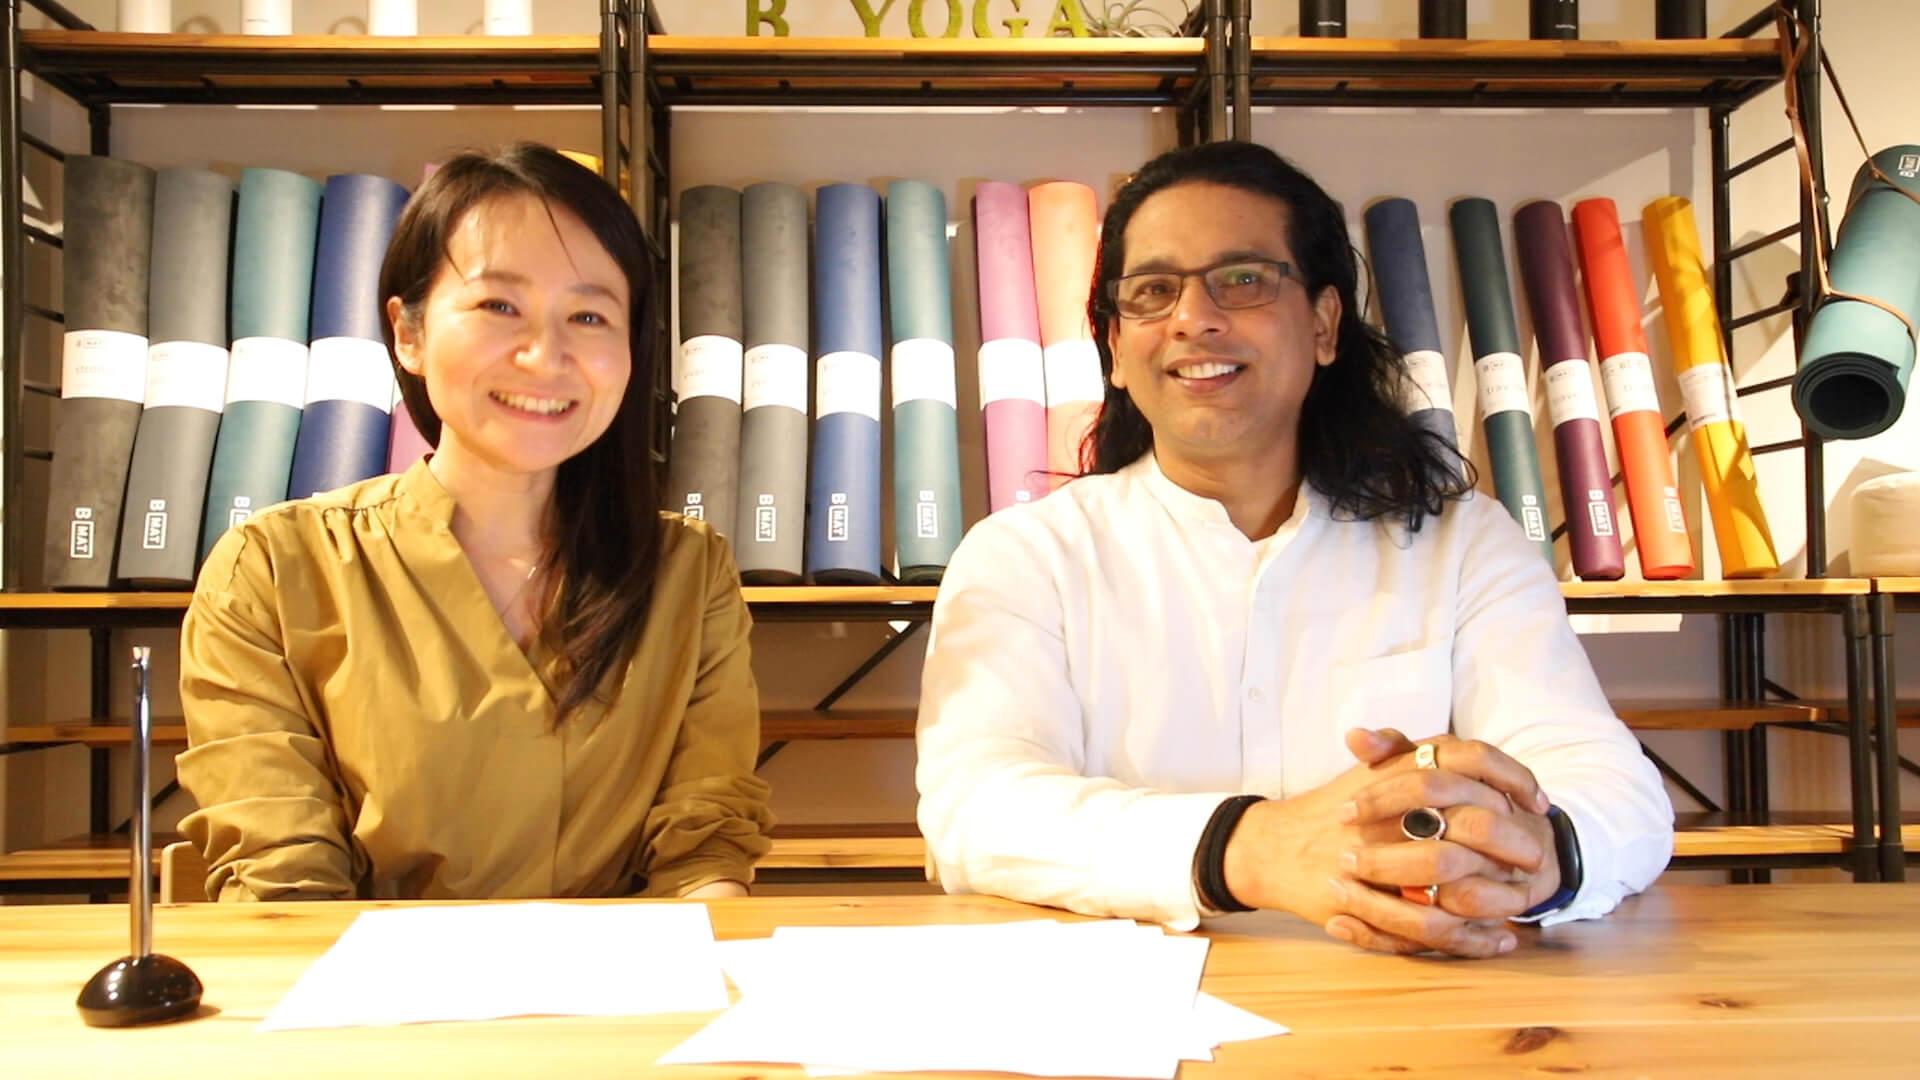 ヨガジェネレーション編集長kaya(左)とYOGA SPA yogayuH プロデューサー クリシュナ・グルジ先生(右)